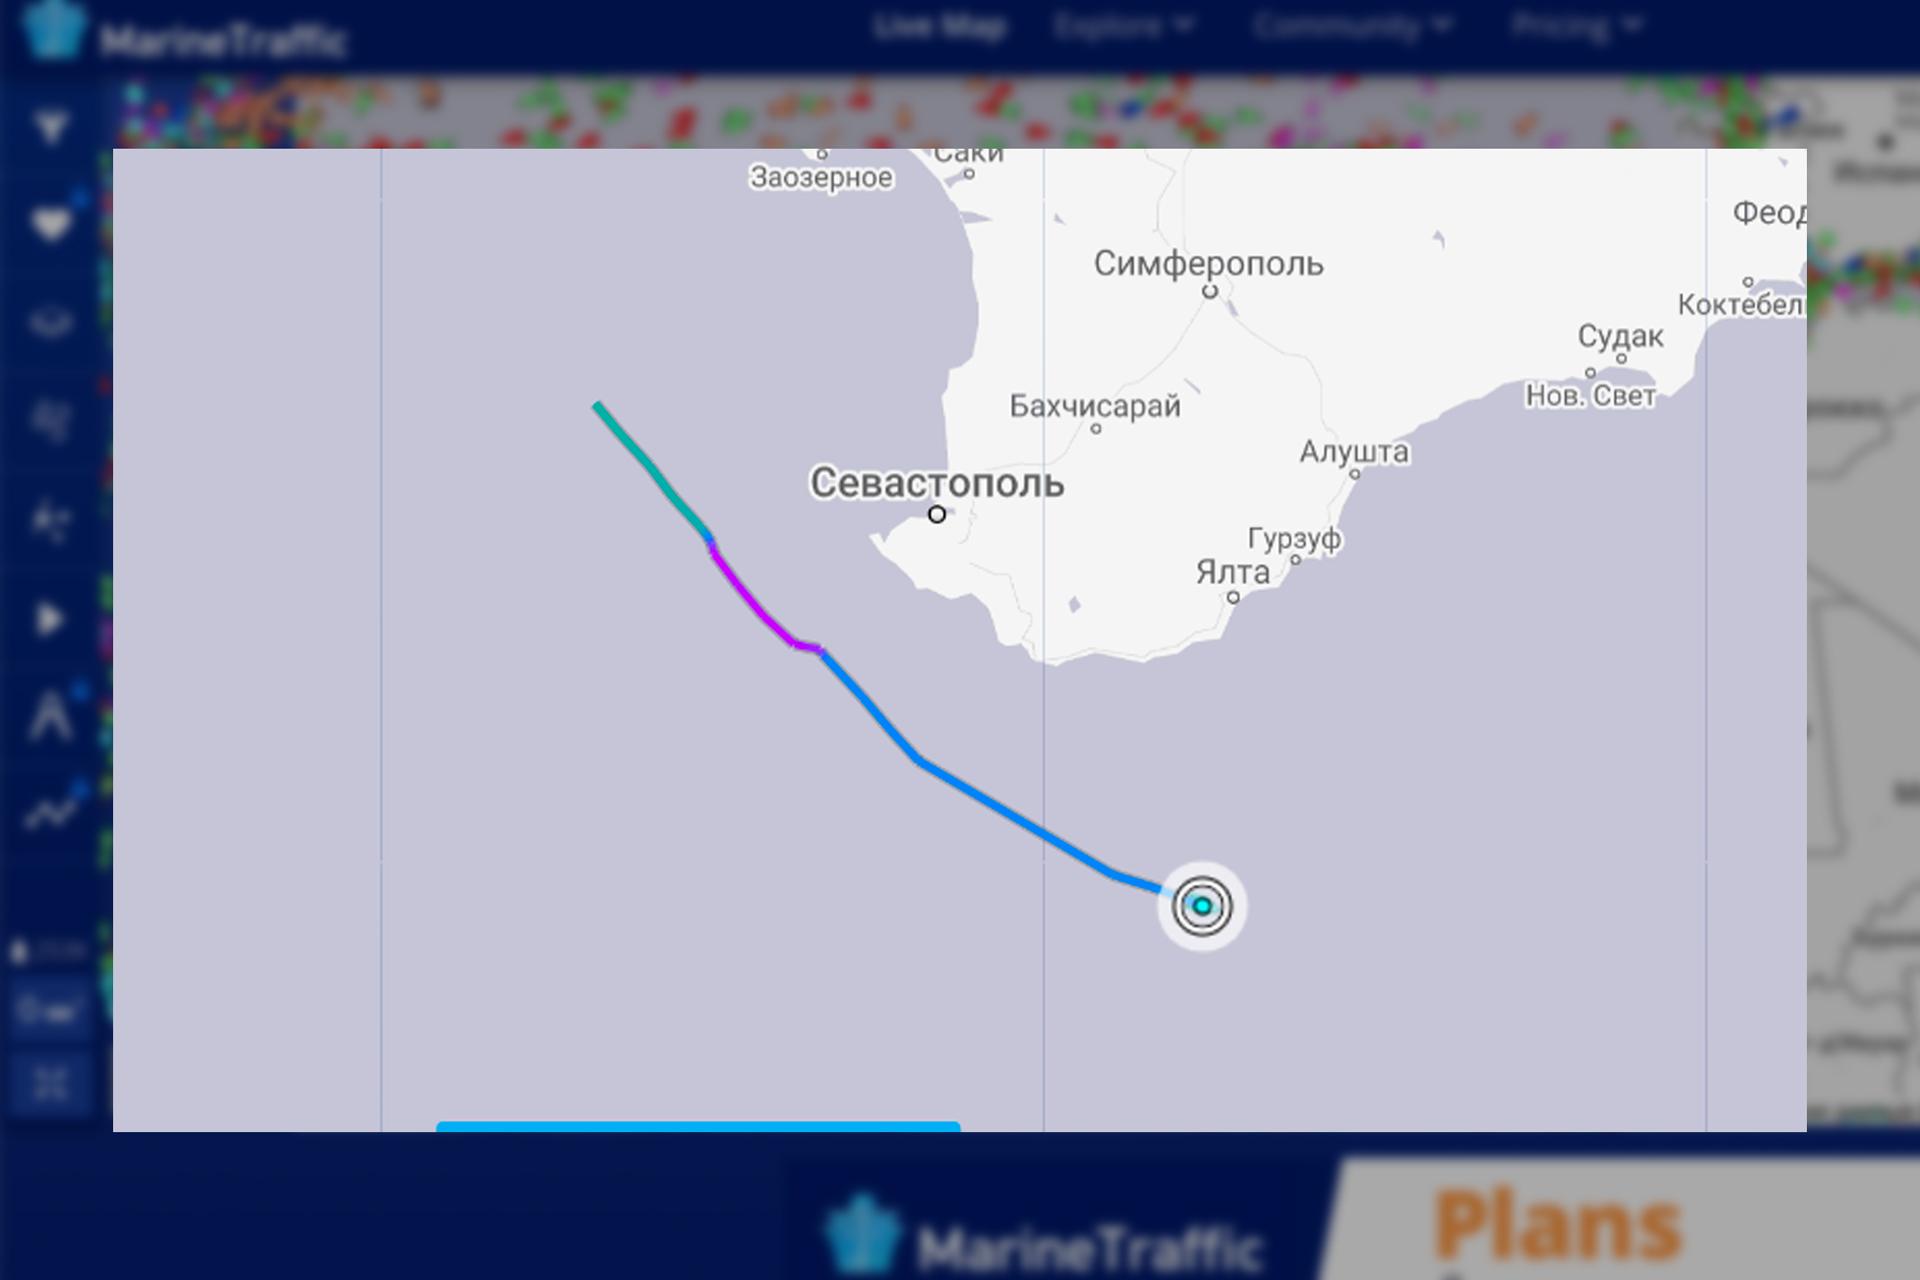 Траектория движения эсминца HMS Defender. © Marinetraffic